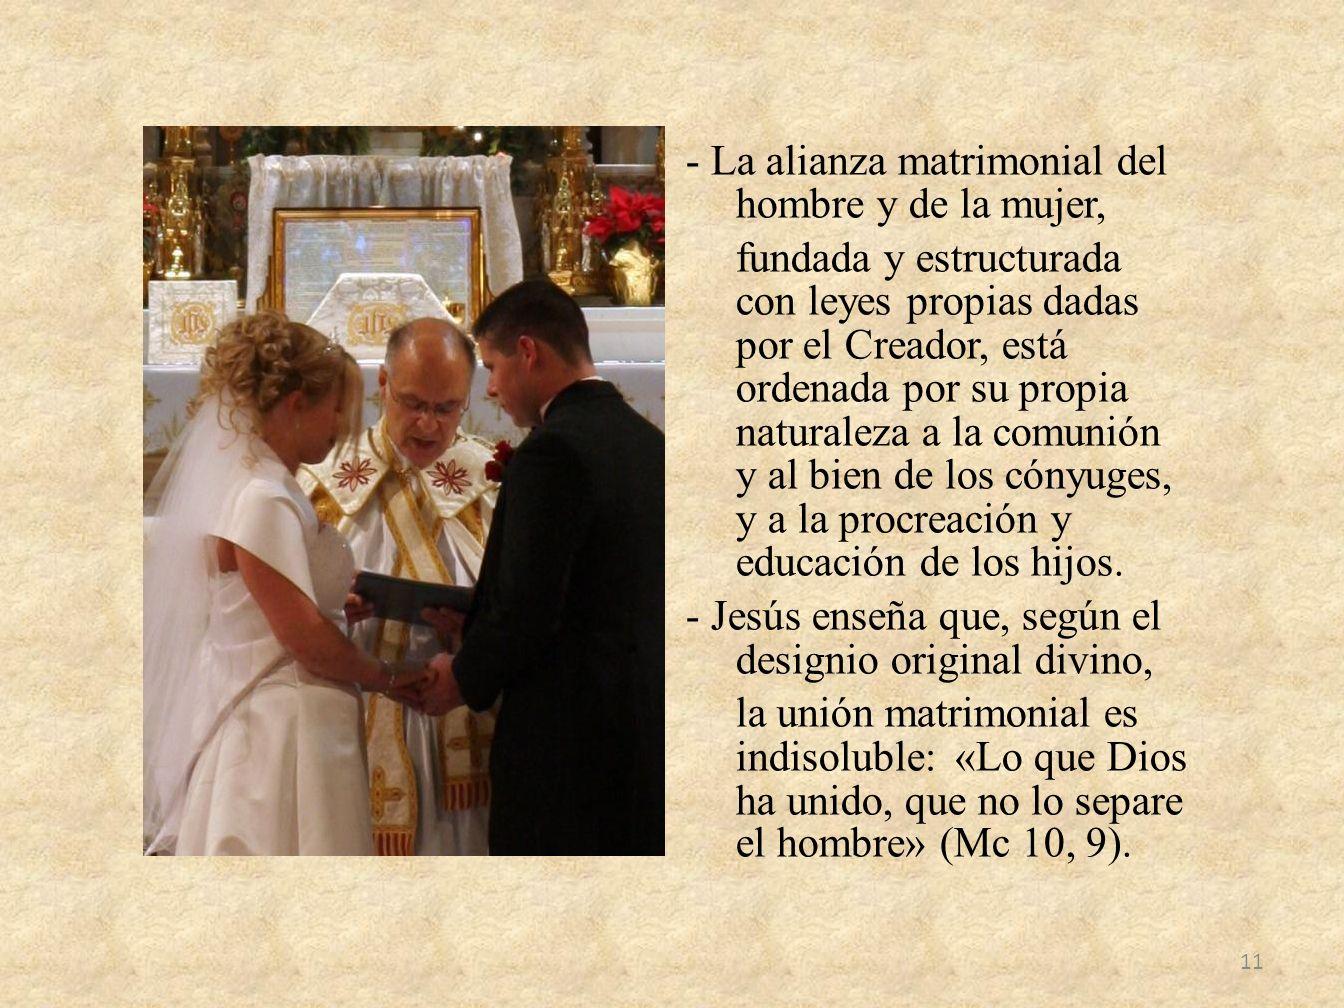 - La alianza matrimonial del hombre y de la mujer, fundada y estructurada con leyes propias dadas por el Creador, está ordenada por su propia naturale